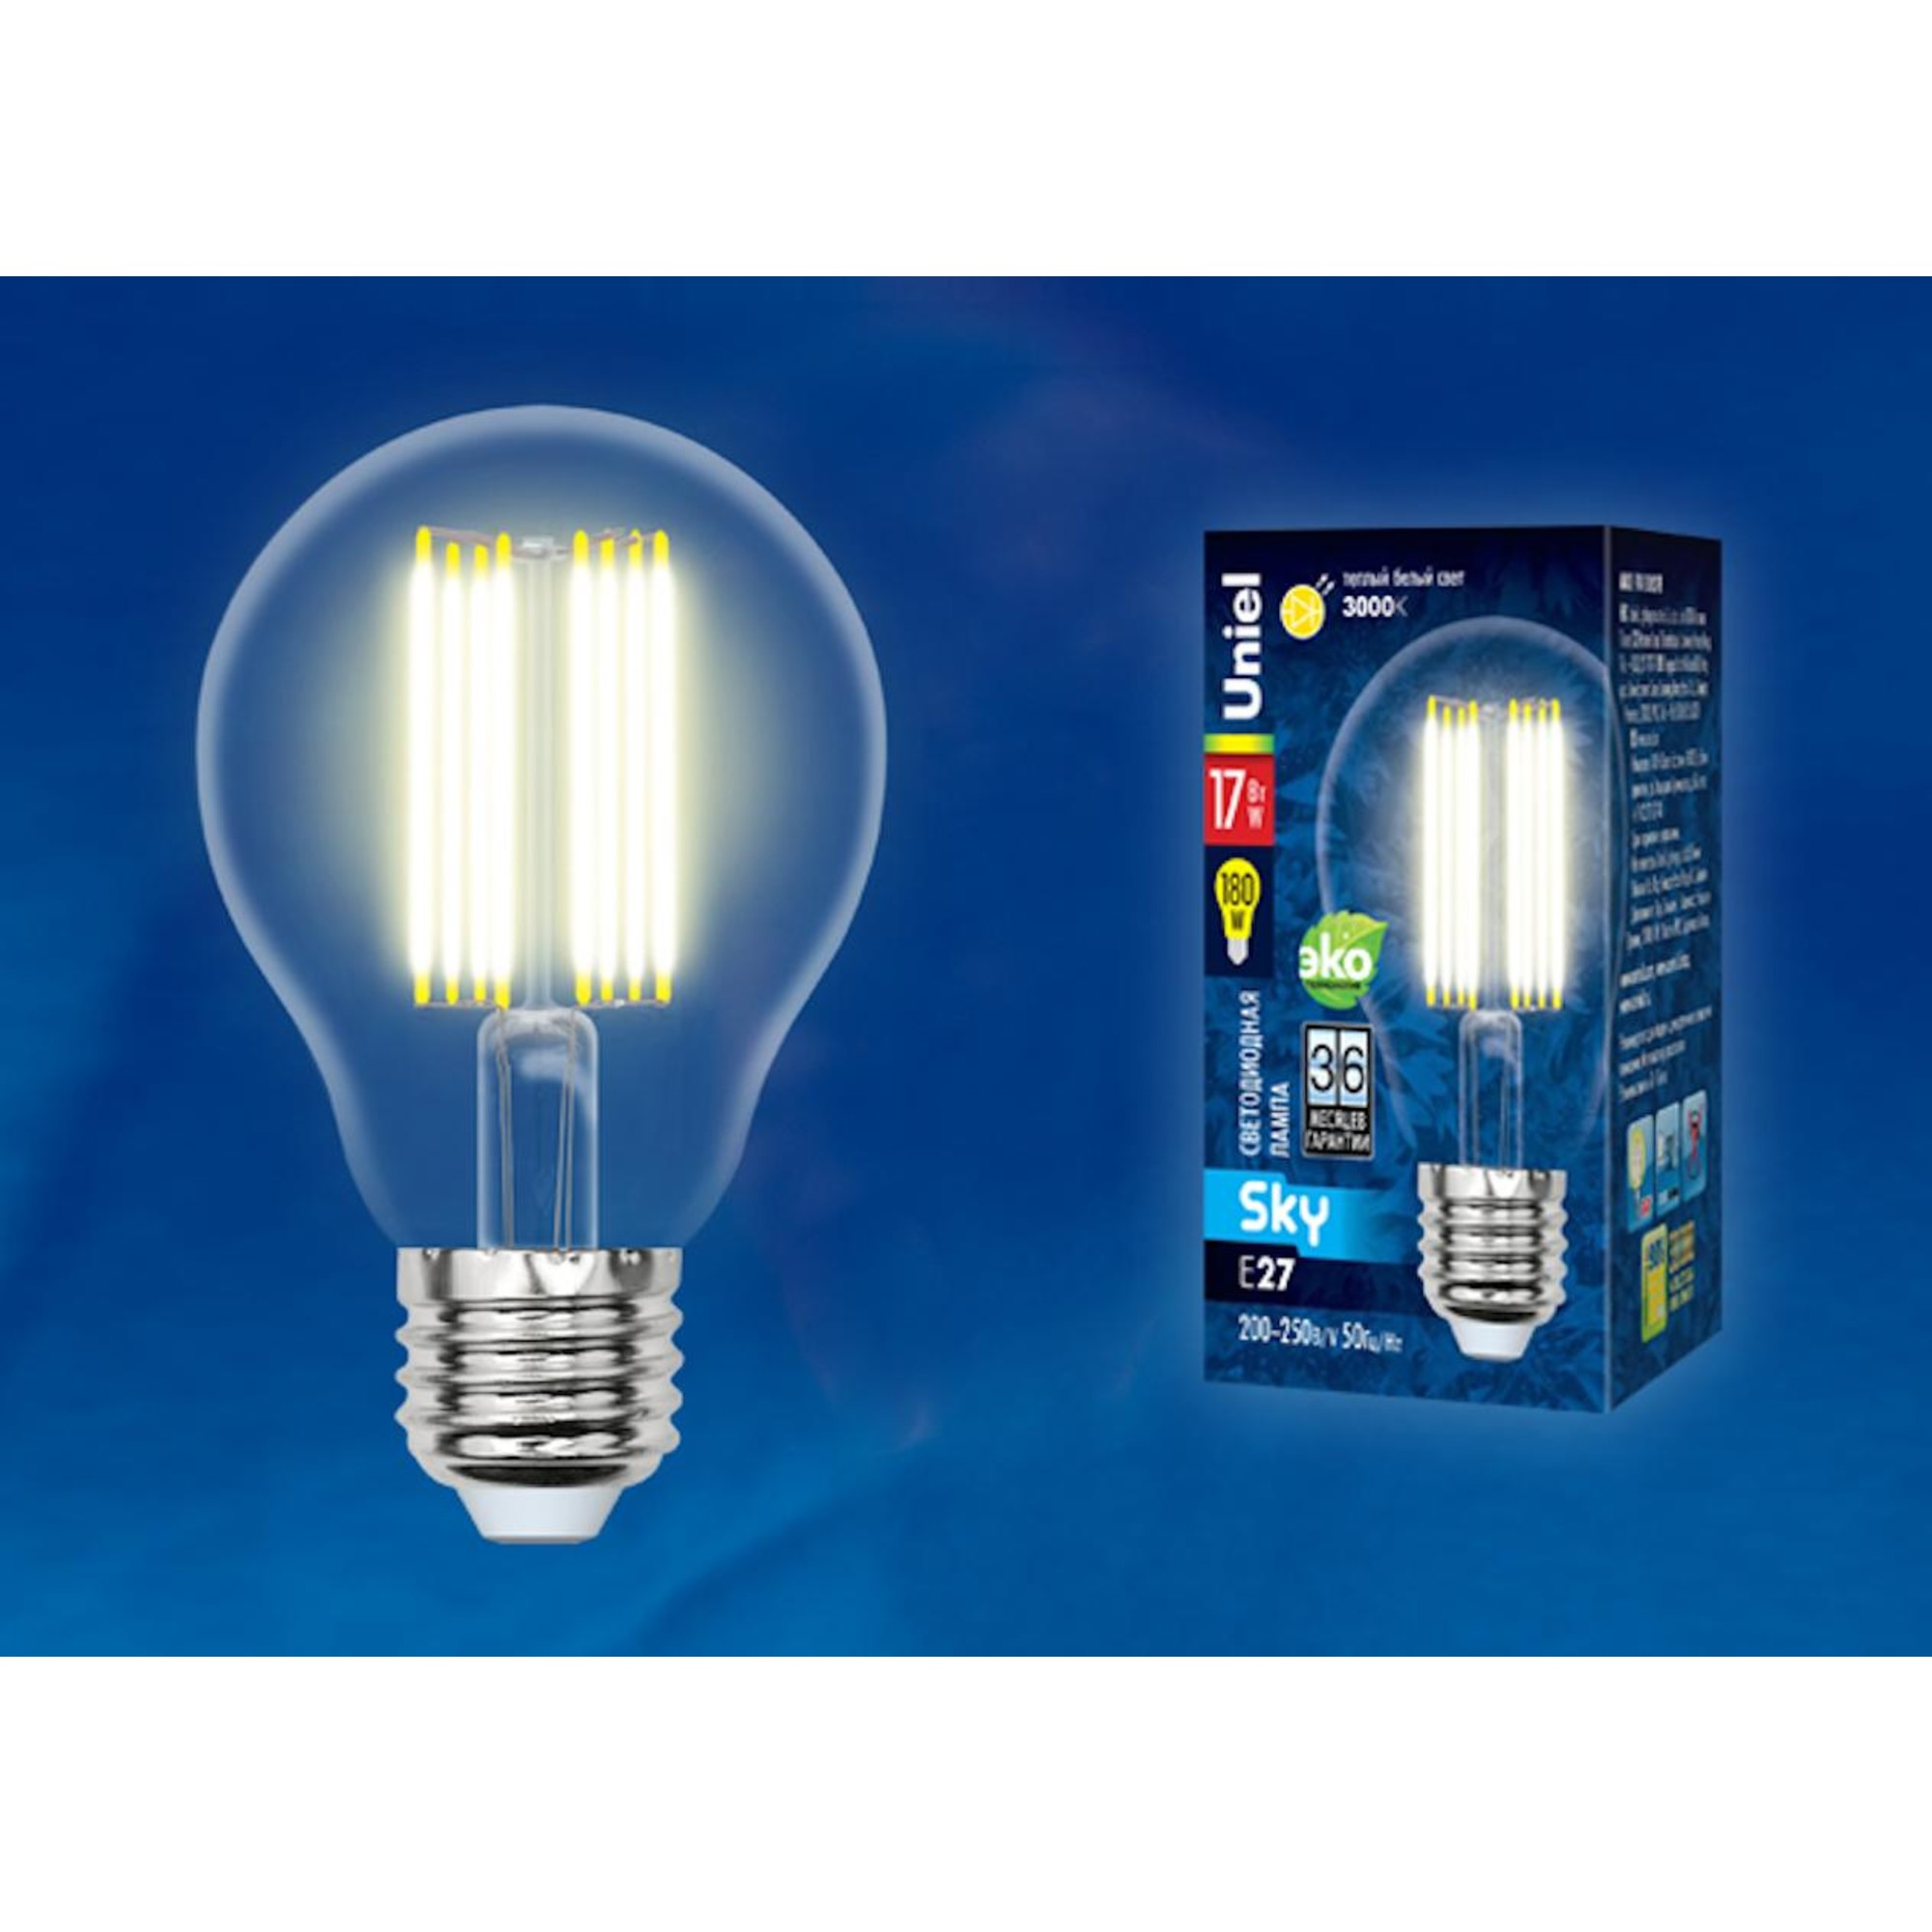 Светодиодная лампочка Uniel UL-00004870 E27 1800 Лм 17 Вт